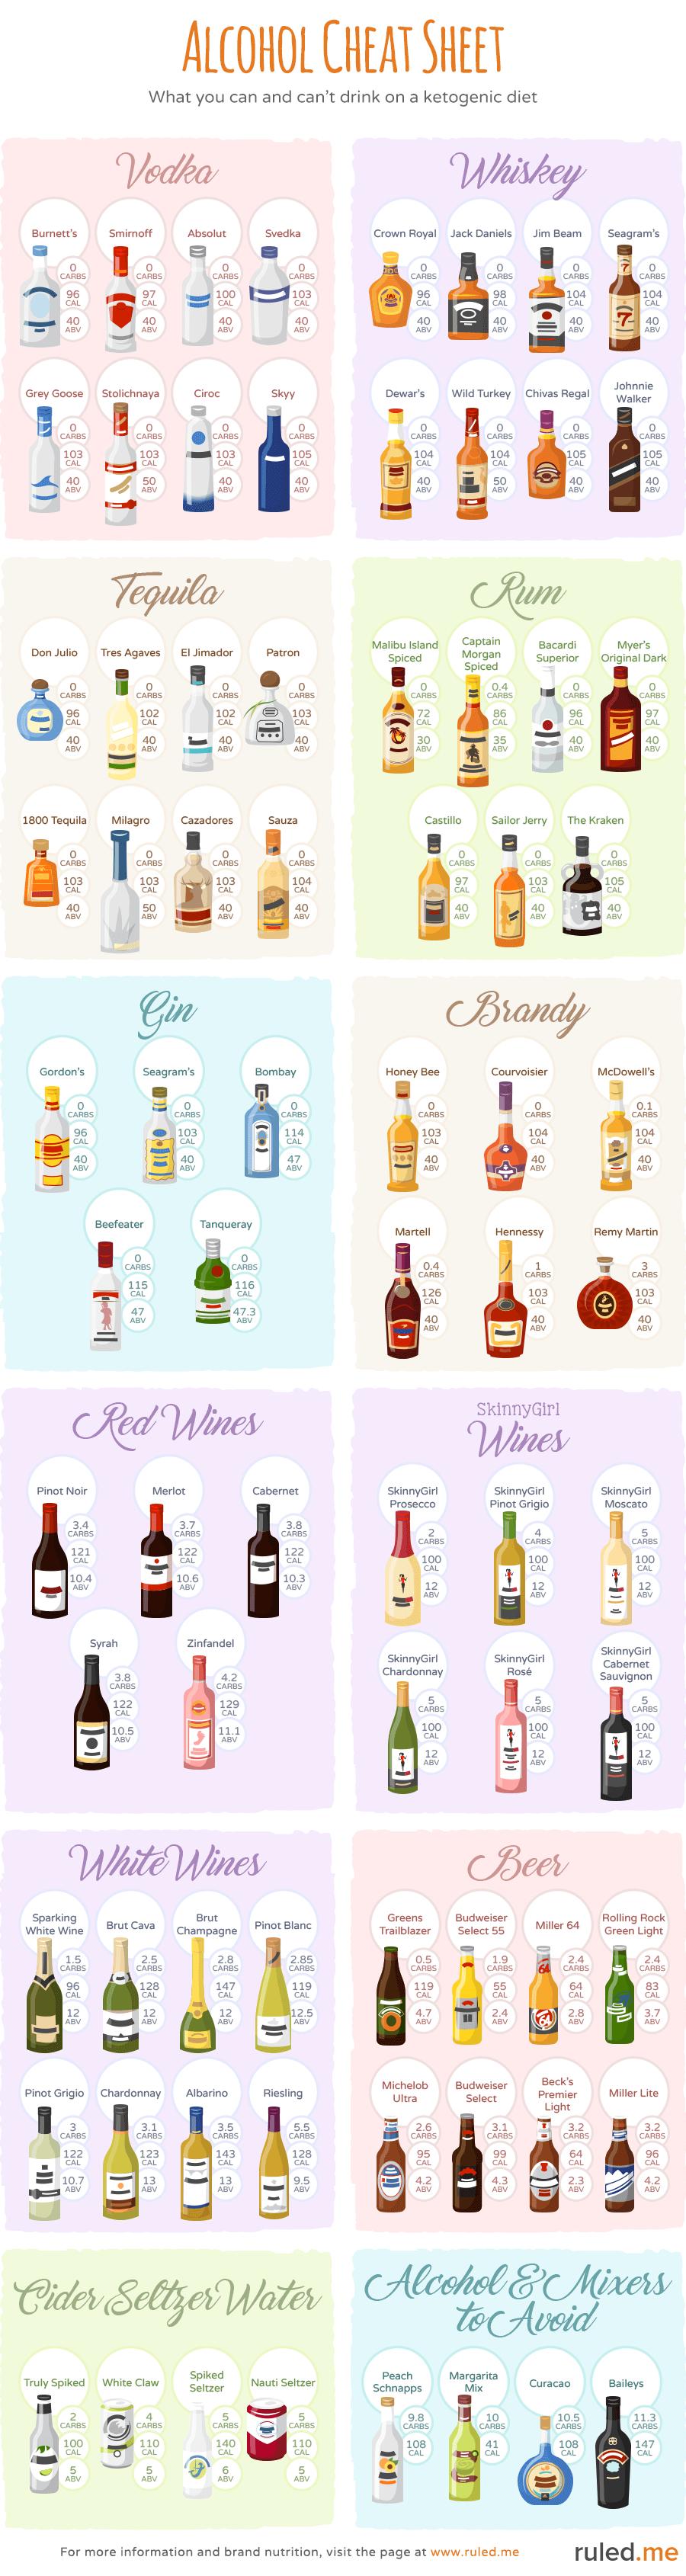 Beber alcohol en una dieta ceto